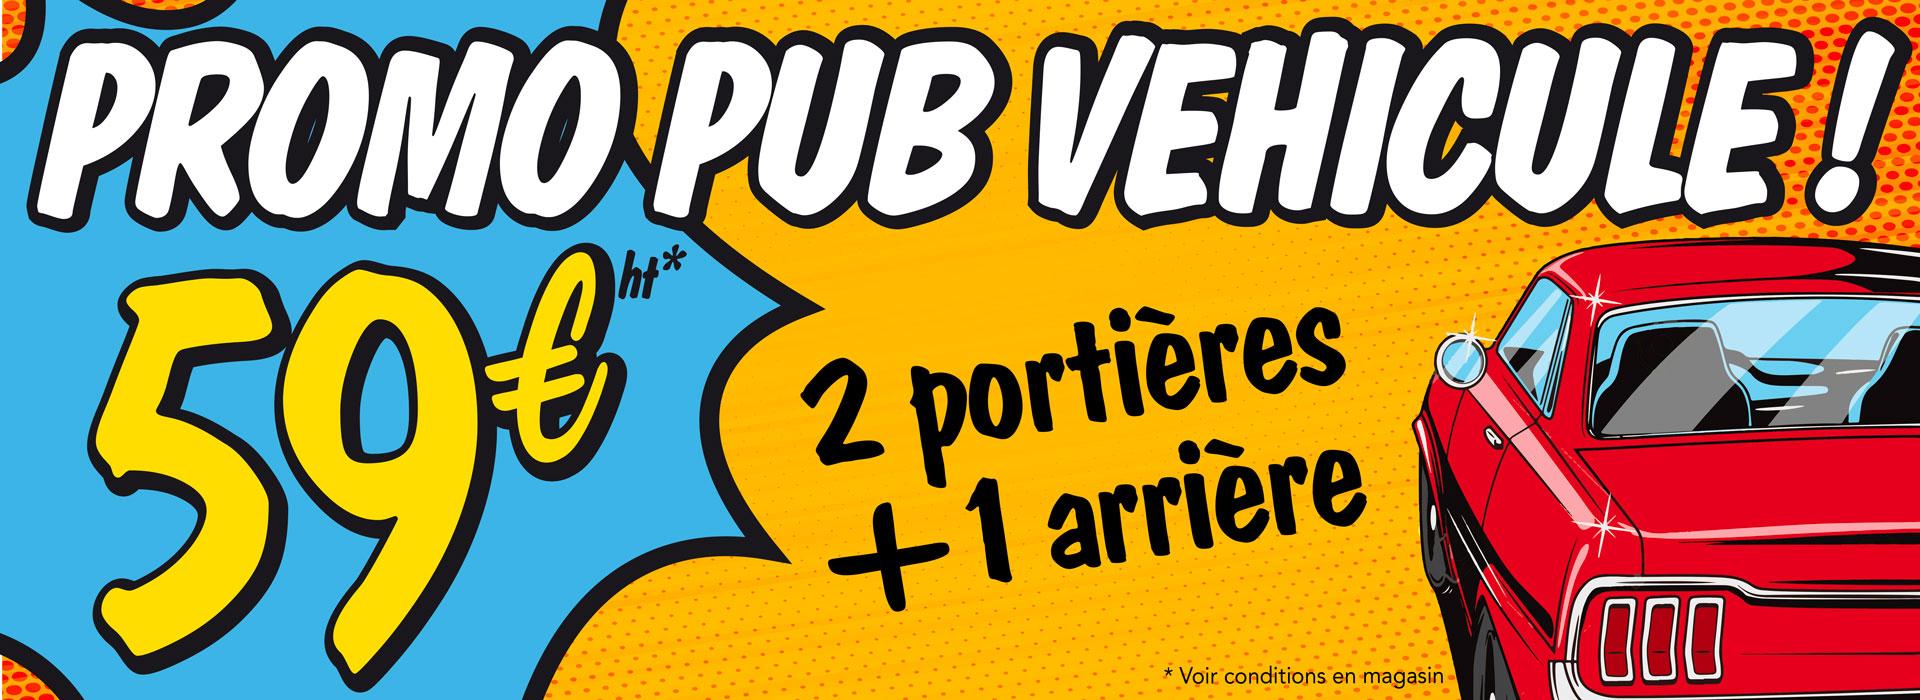 pub-carrousel-pub-vehicule